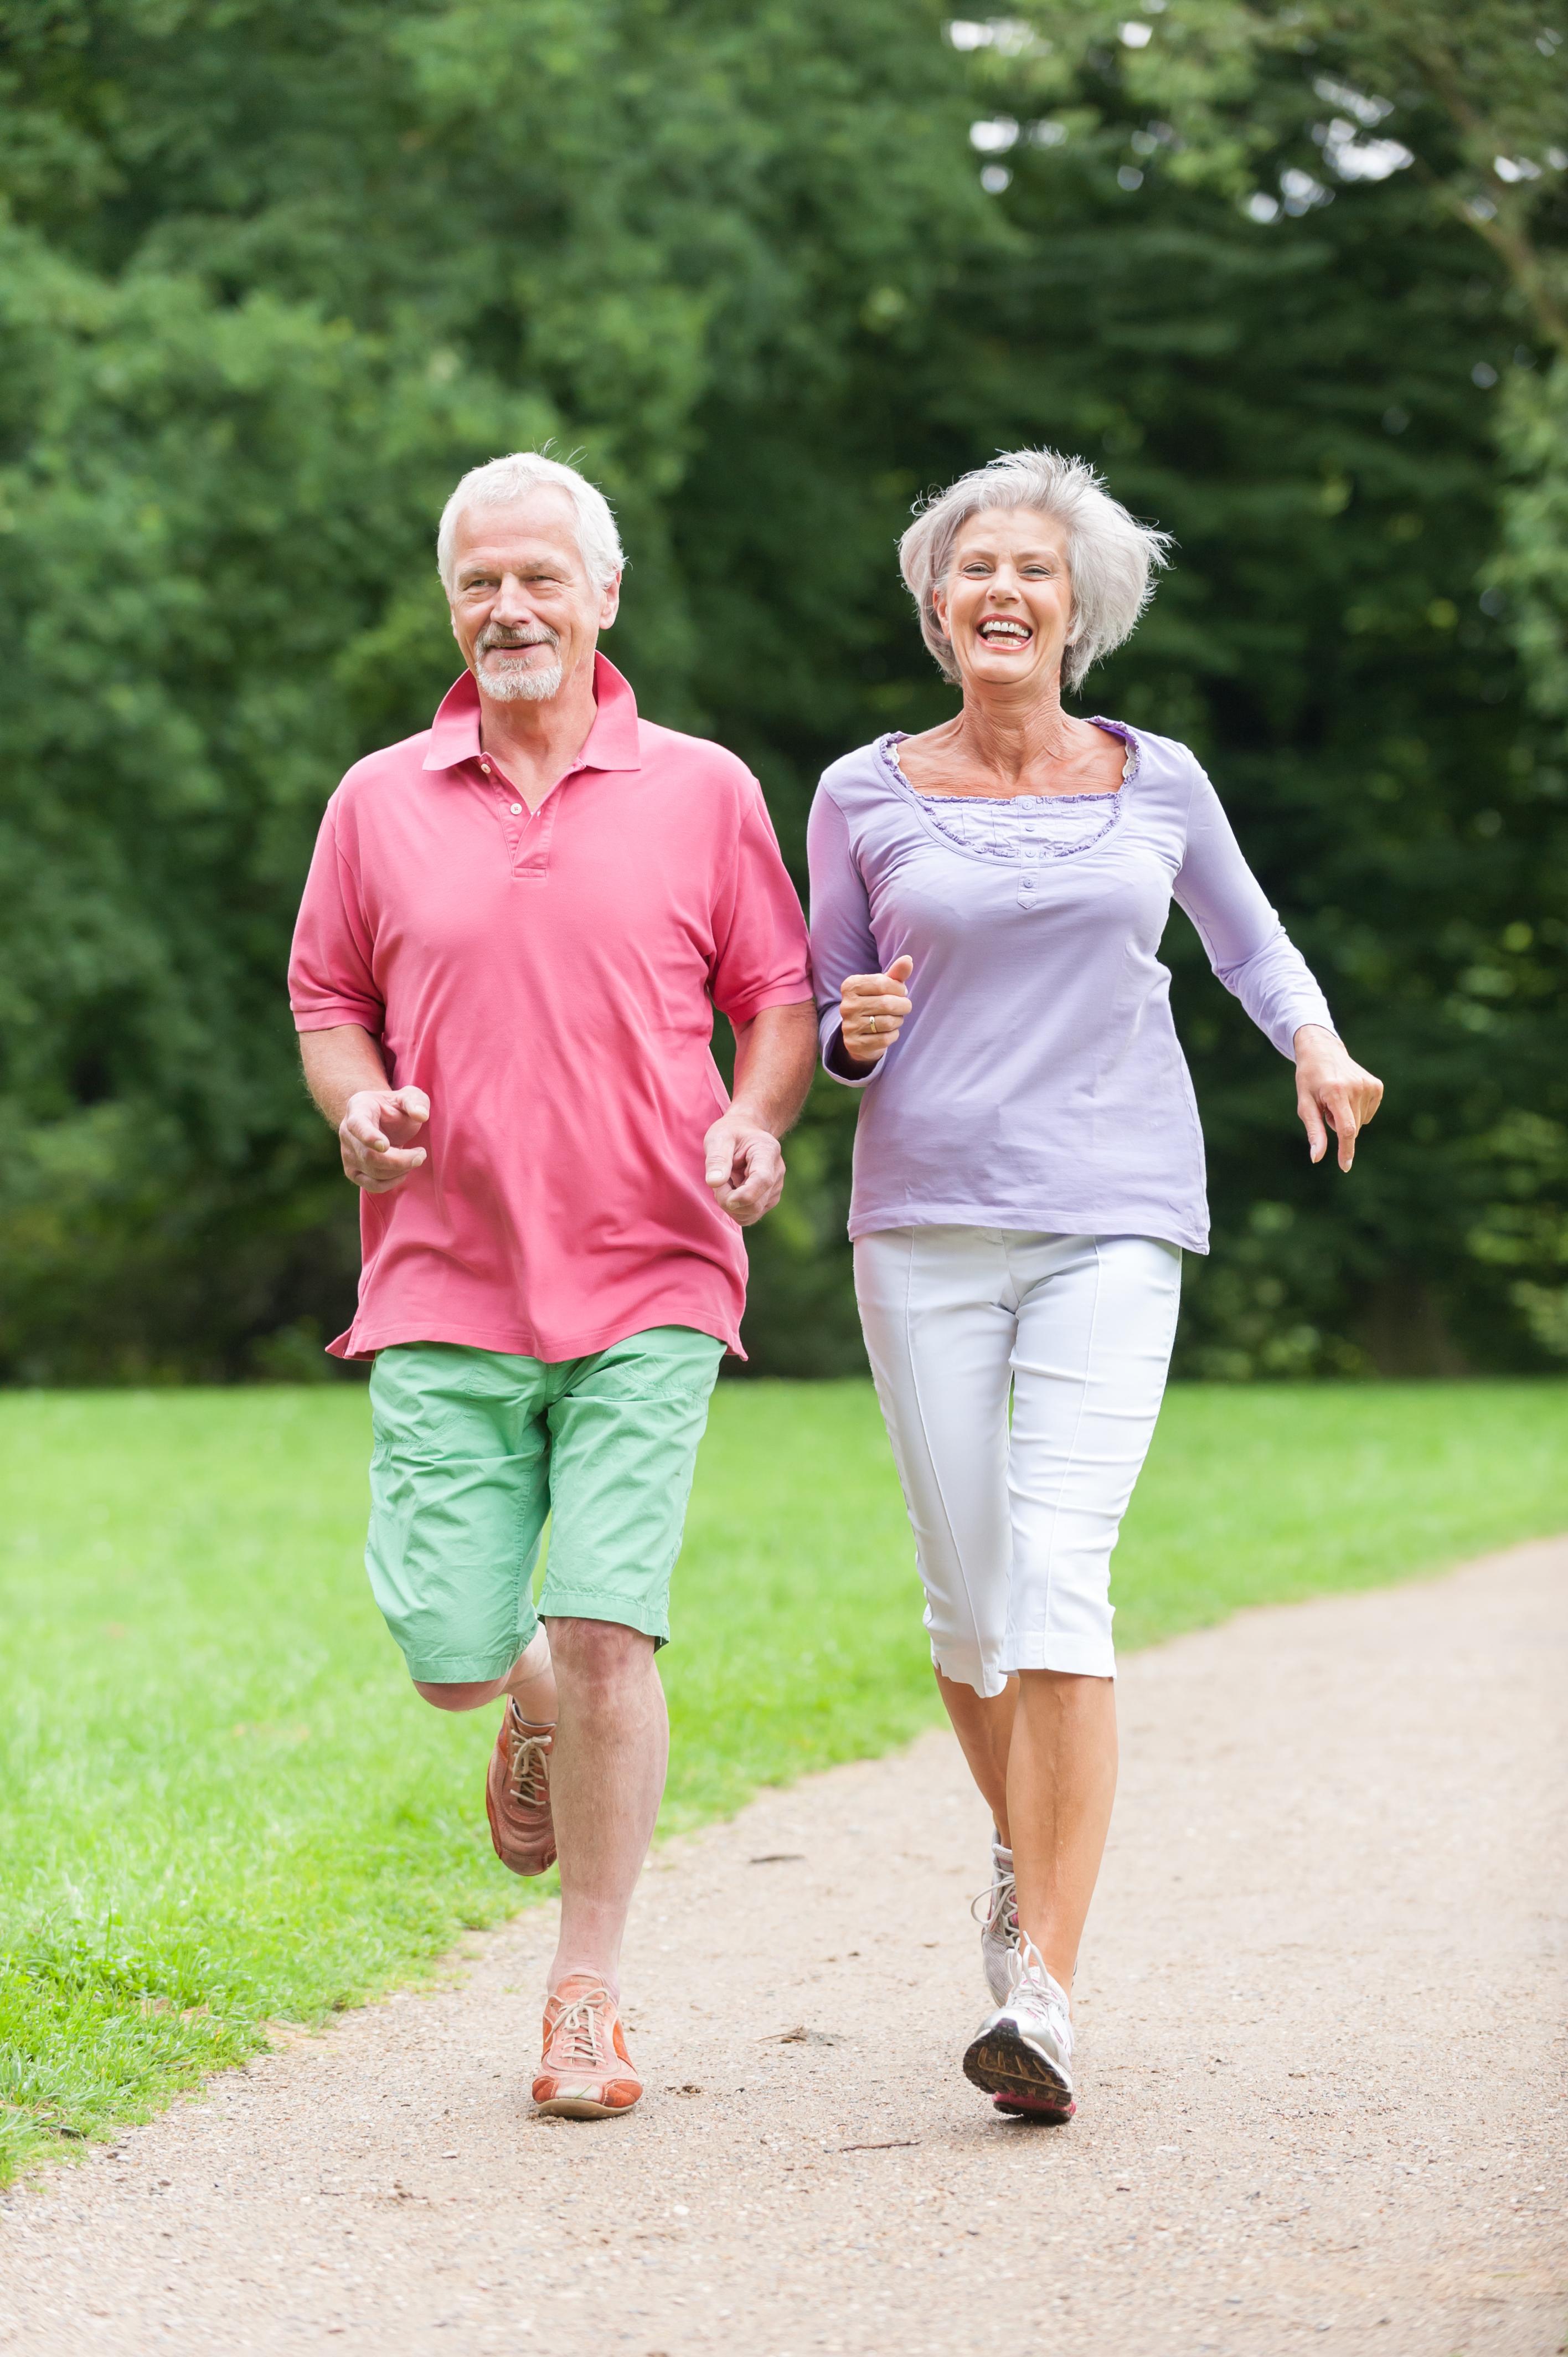 Risikobereitschaft und Flexibilität hängen stark von der eigenen Lebenssituation ab.